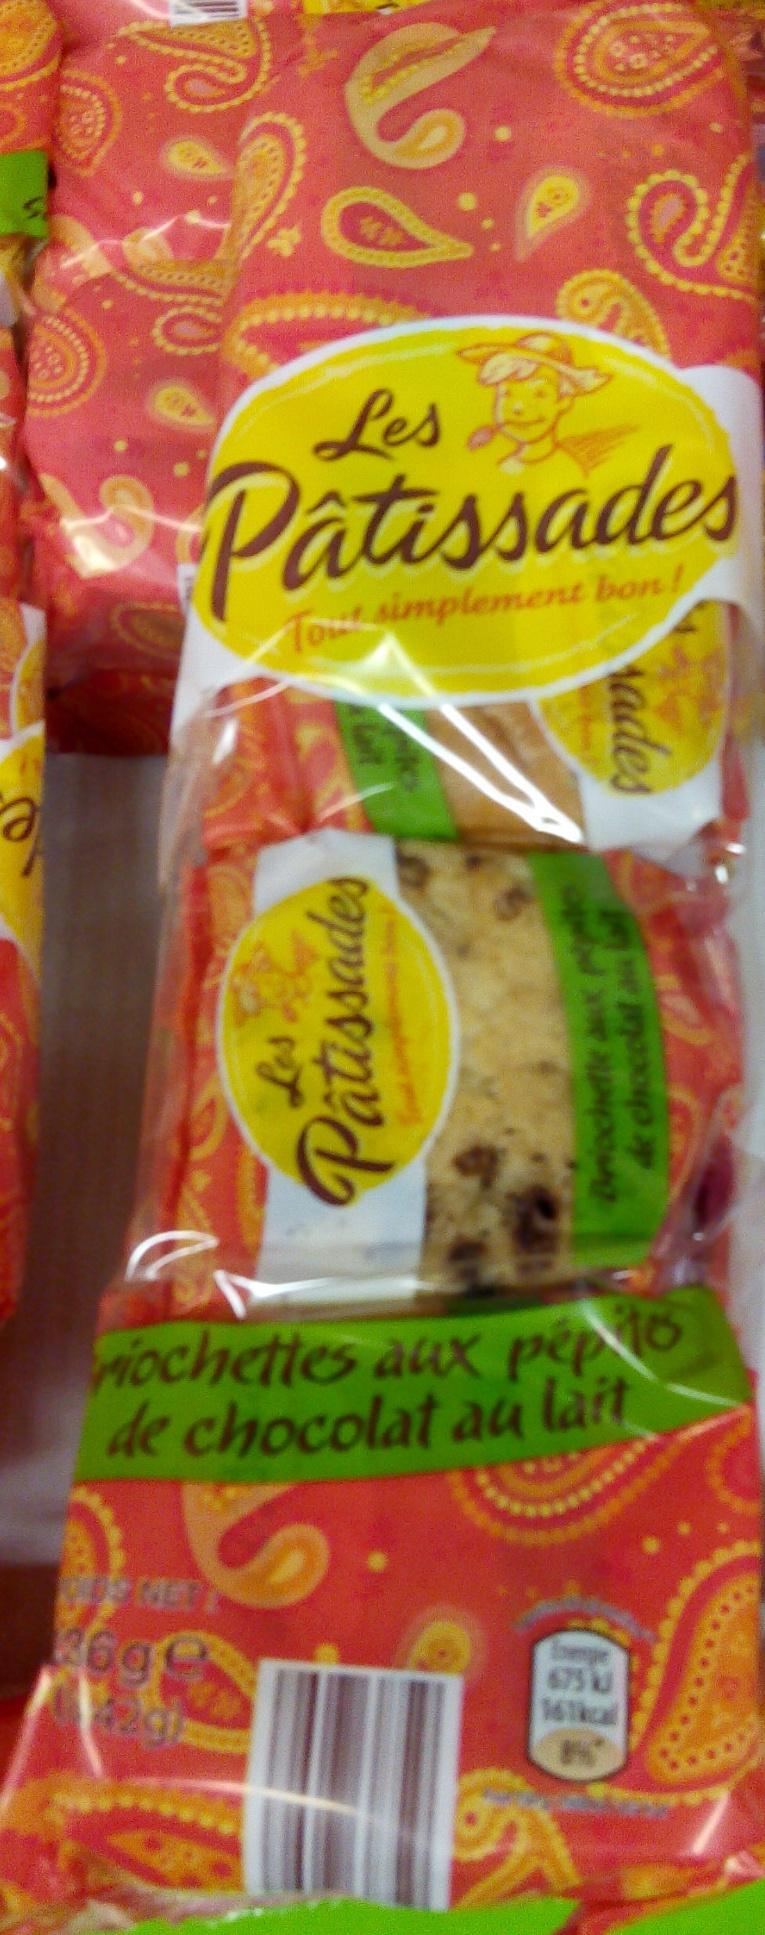 Briochettes aux pépites de chocolat au lait - 336 g - Product